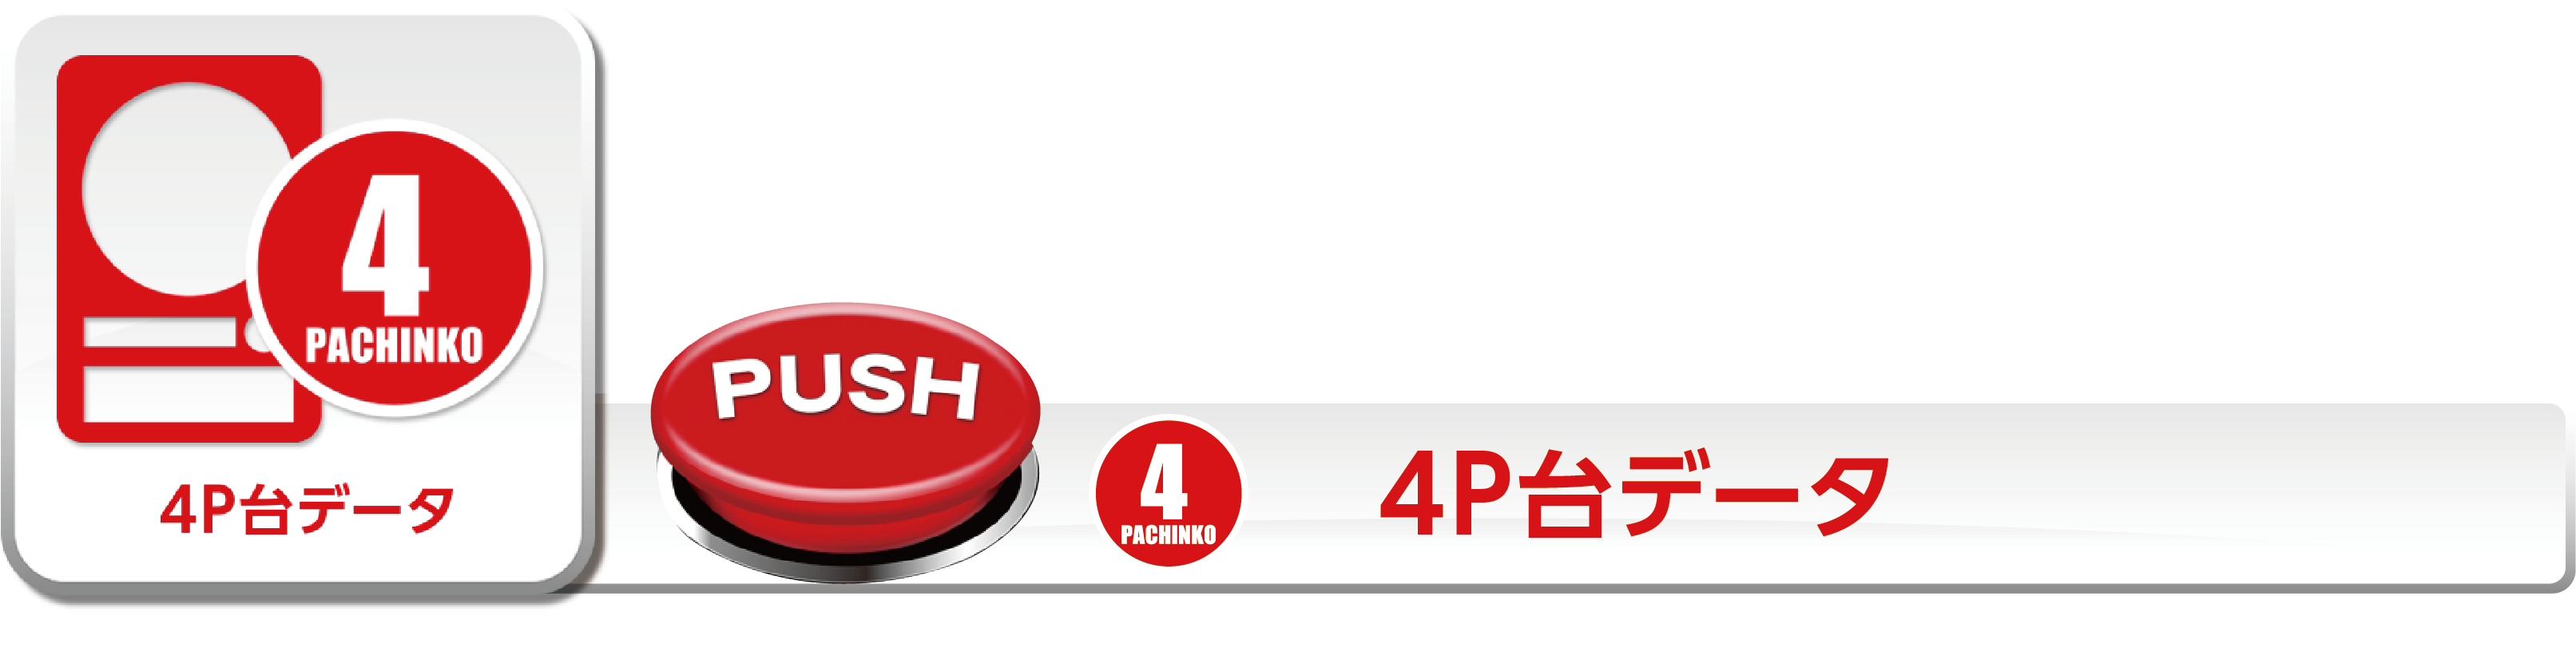 スーパーライブガーデン行田店の4円パチンコ